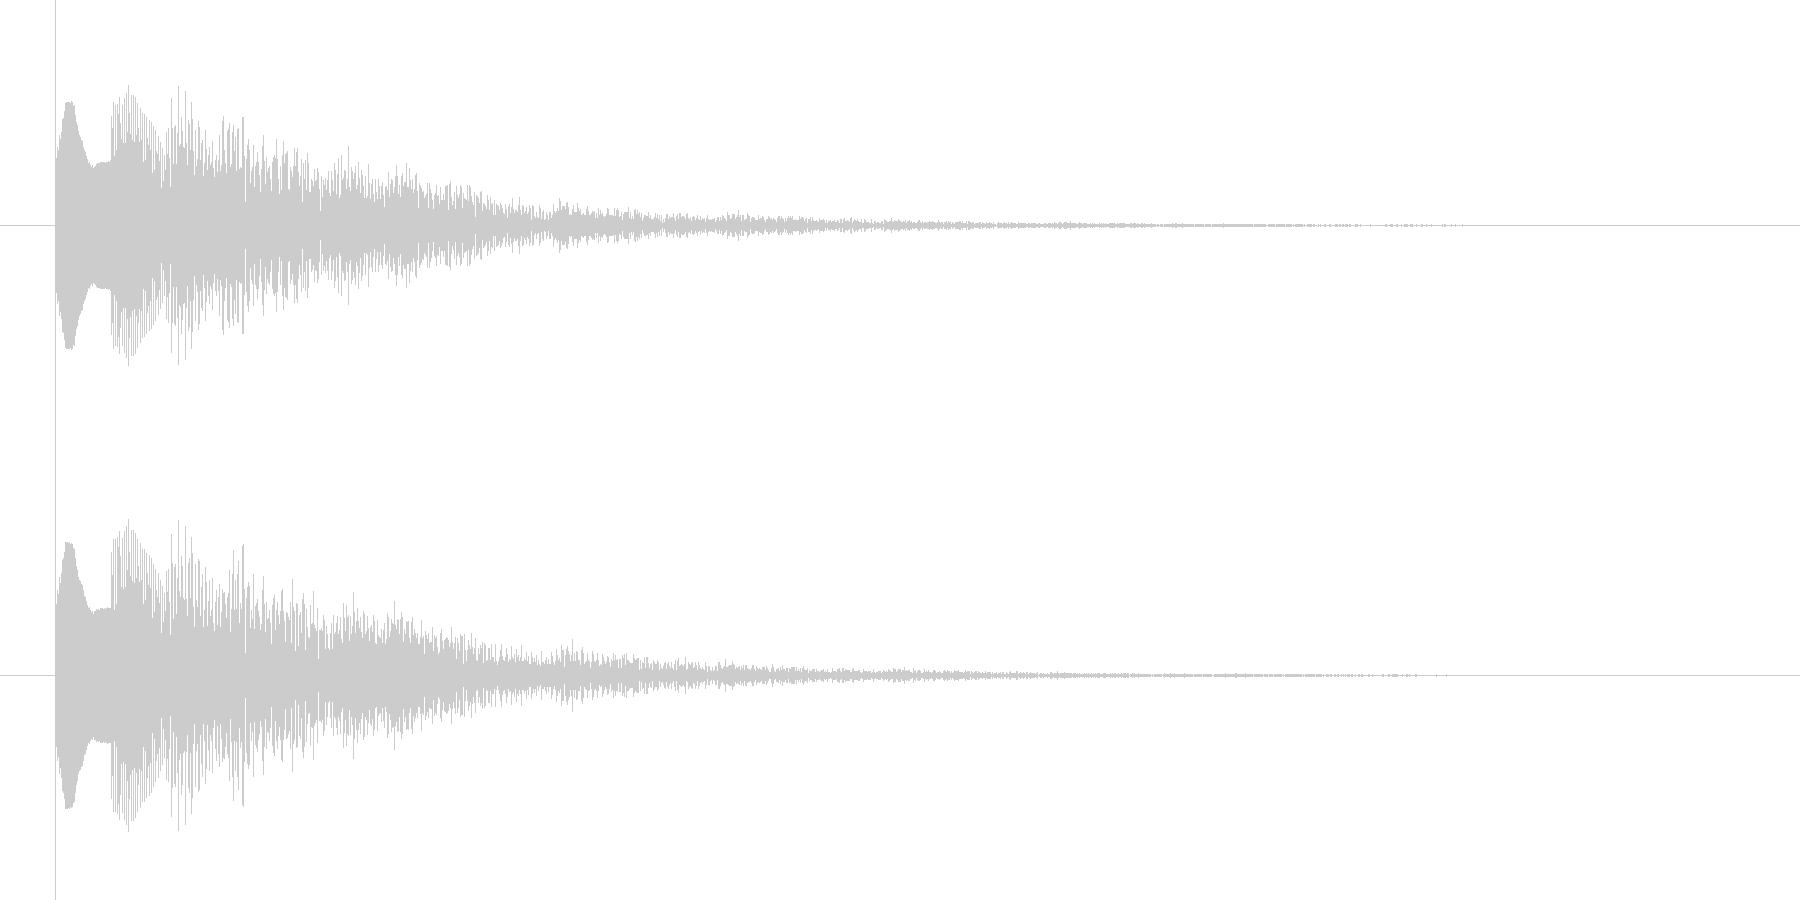 下降系のナチュラル、温かみのある決定音1の未再生の波形